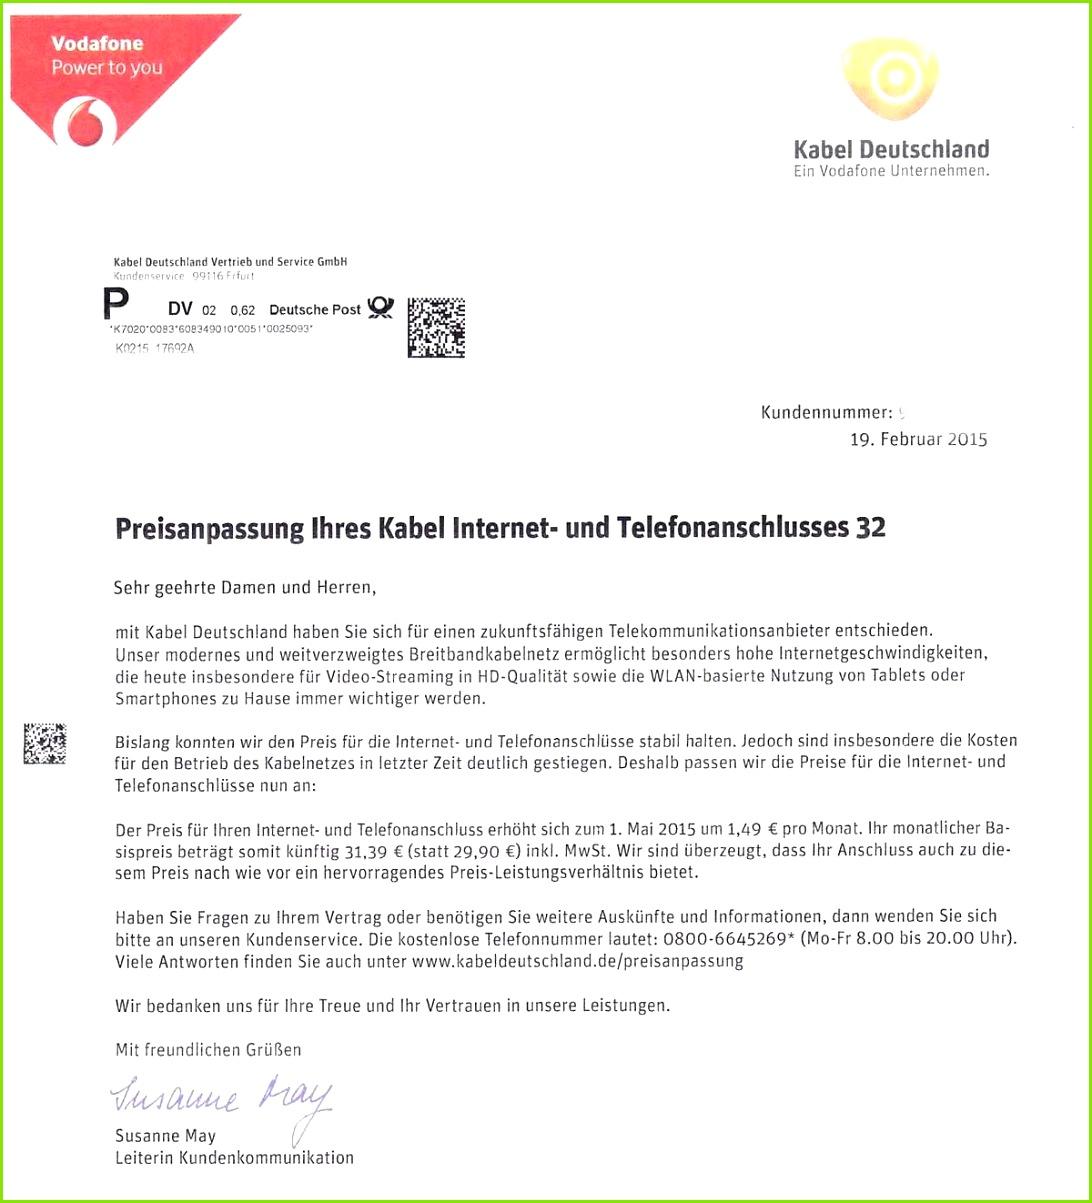 Sonderkündigung Dsl Zu Langsam Vorlage Erstaunlich Kabel Deutschland Außerordentliche Kündigung Vorlage